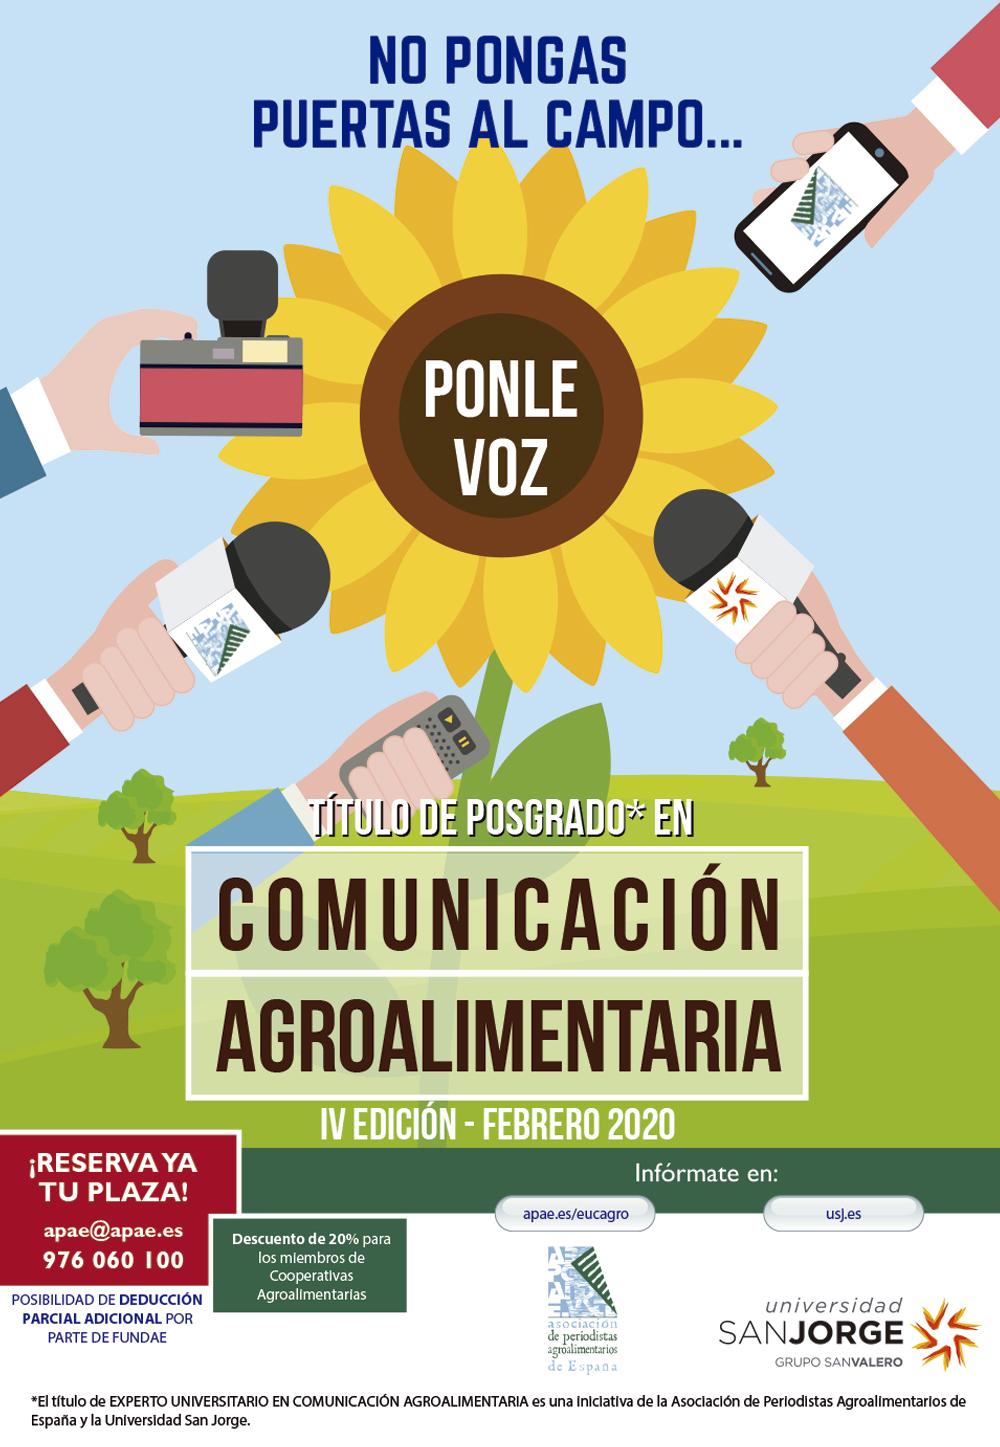 Comunicación agroalimentaria